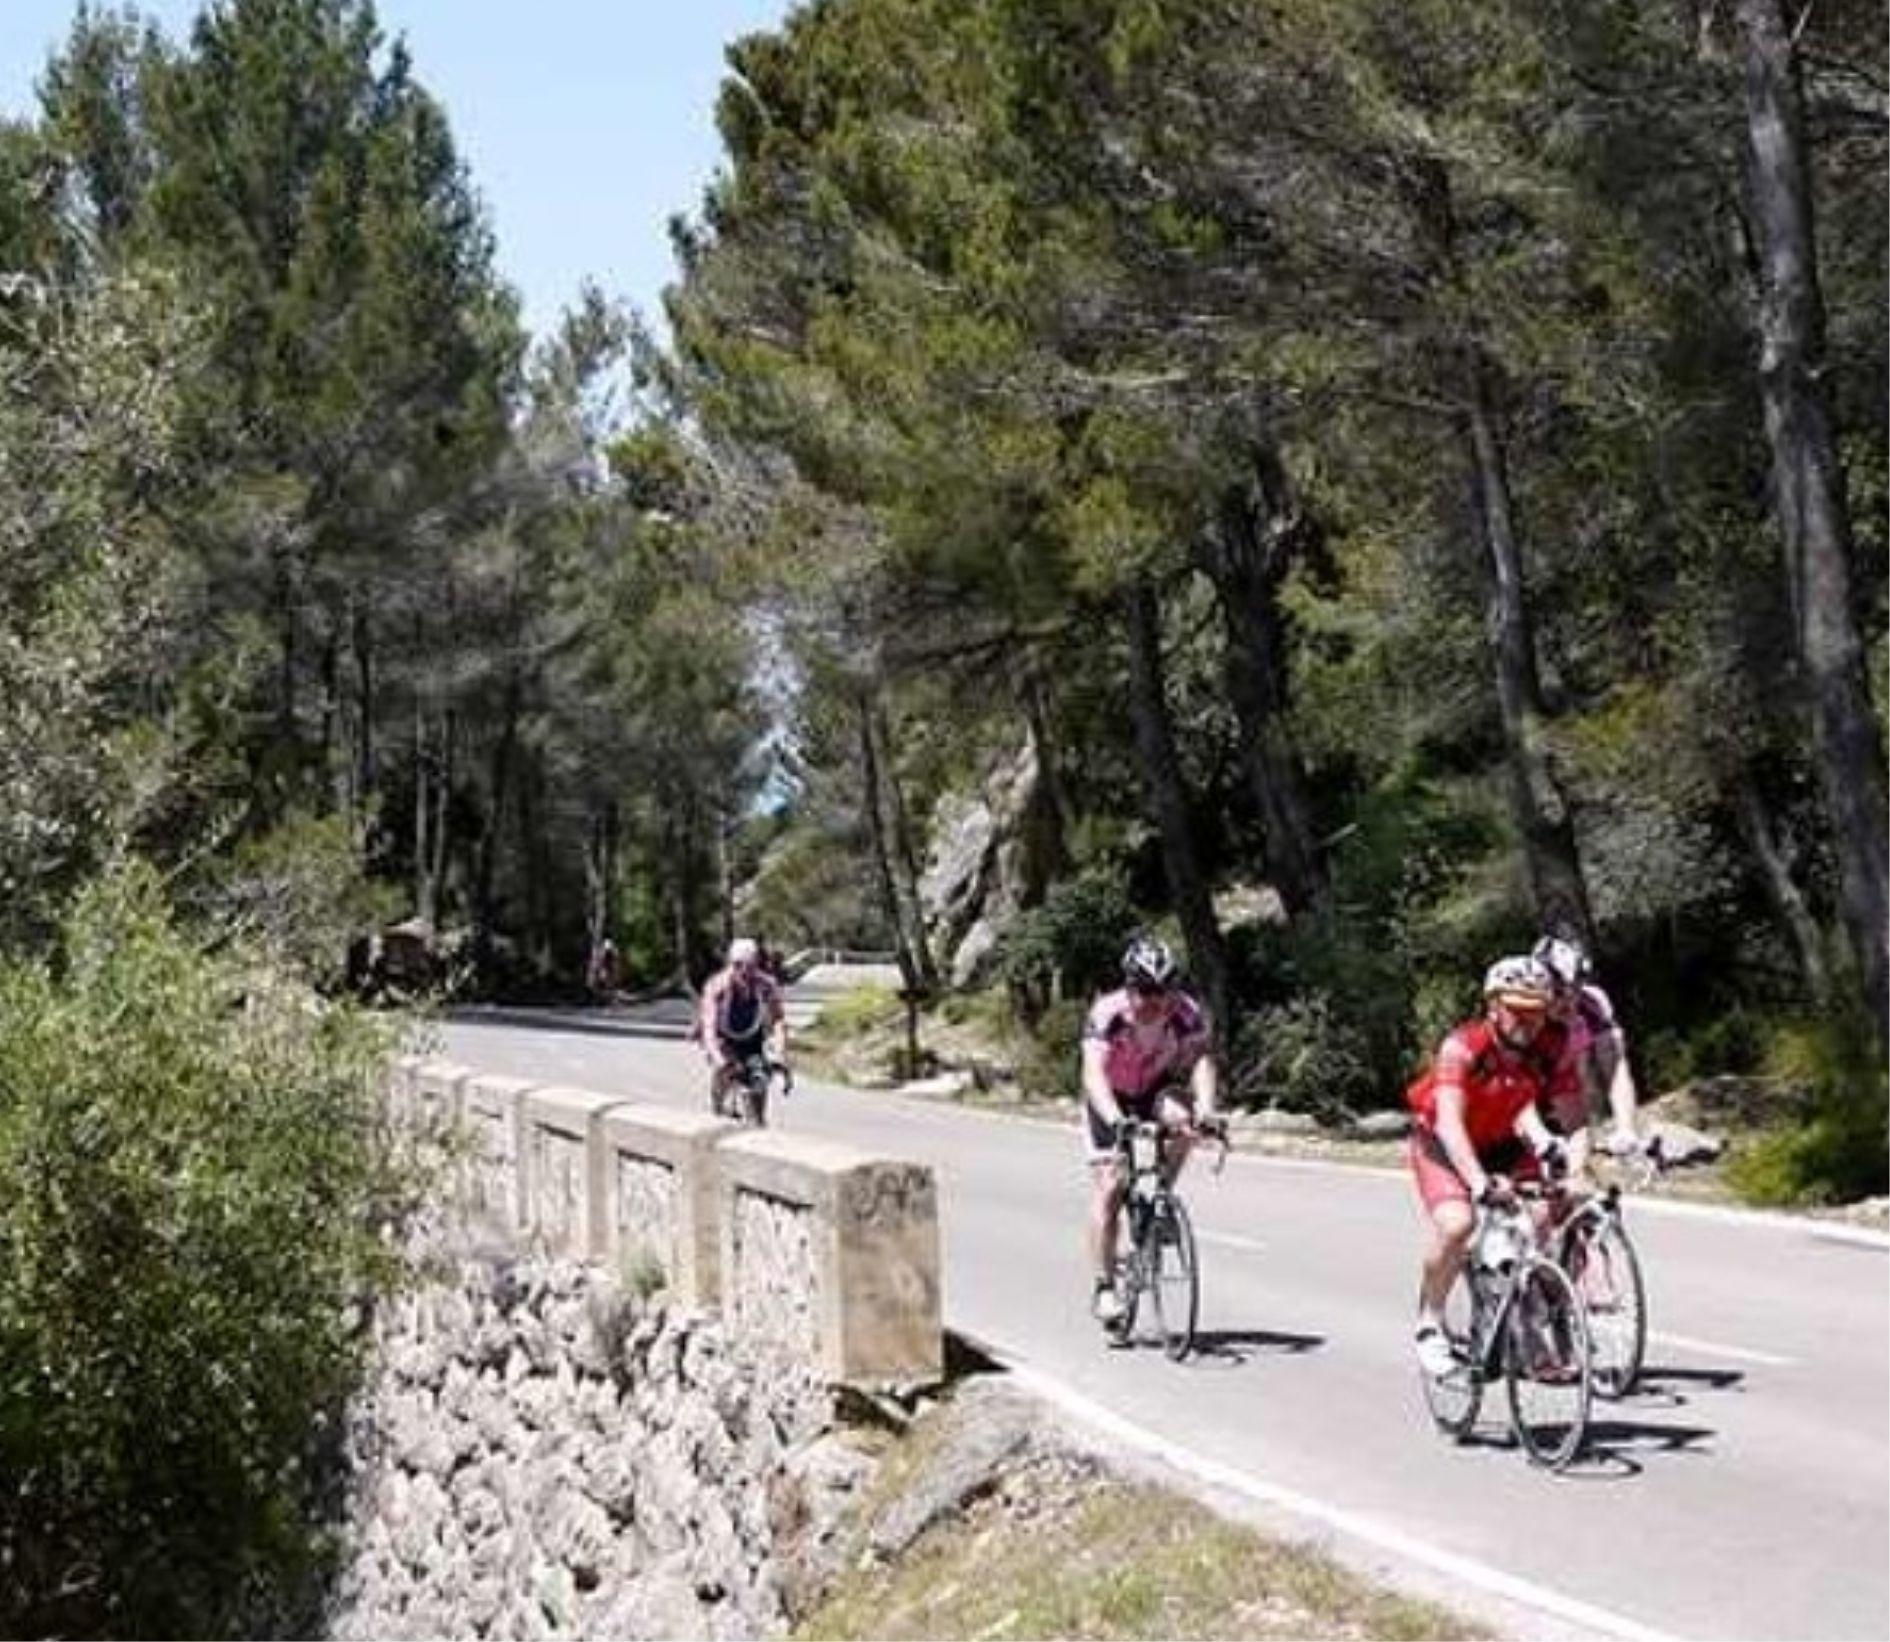 Alquiler de bicicletas mallorca-Vía Verde Manacor Artà 1 -1890X1642píxeles